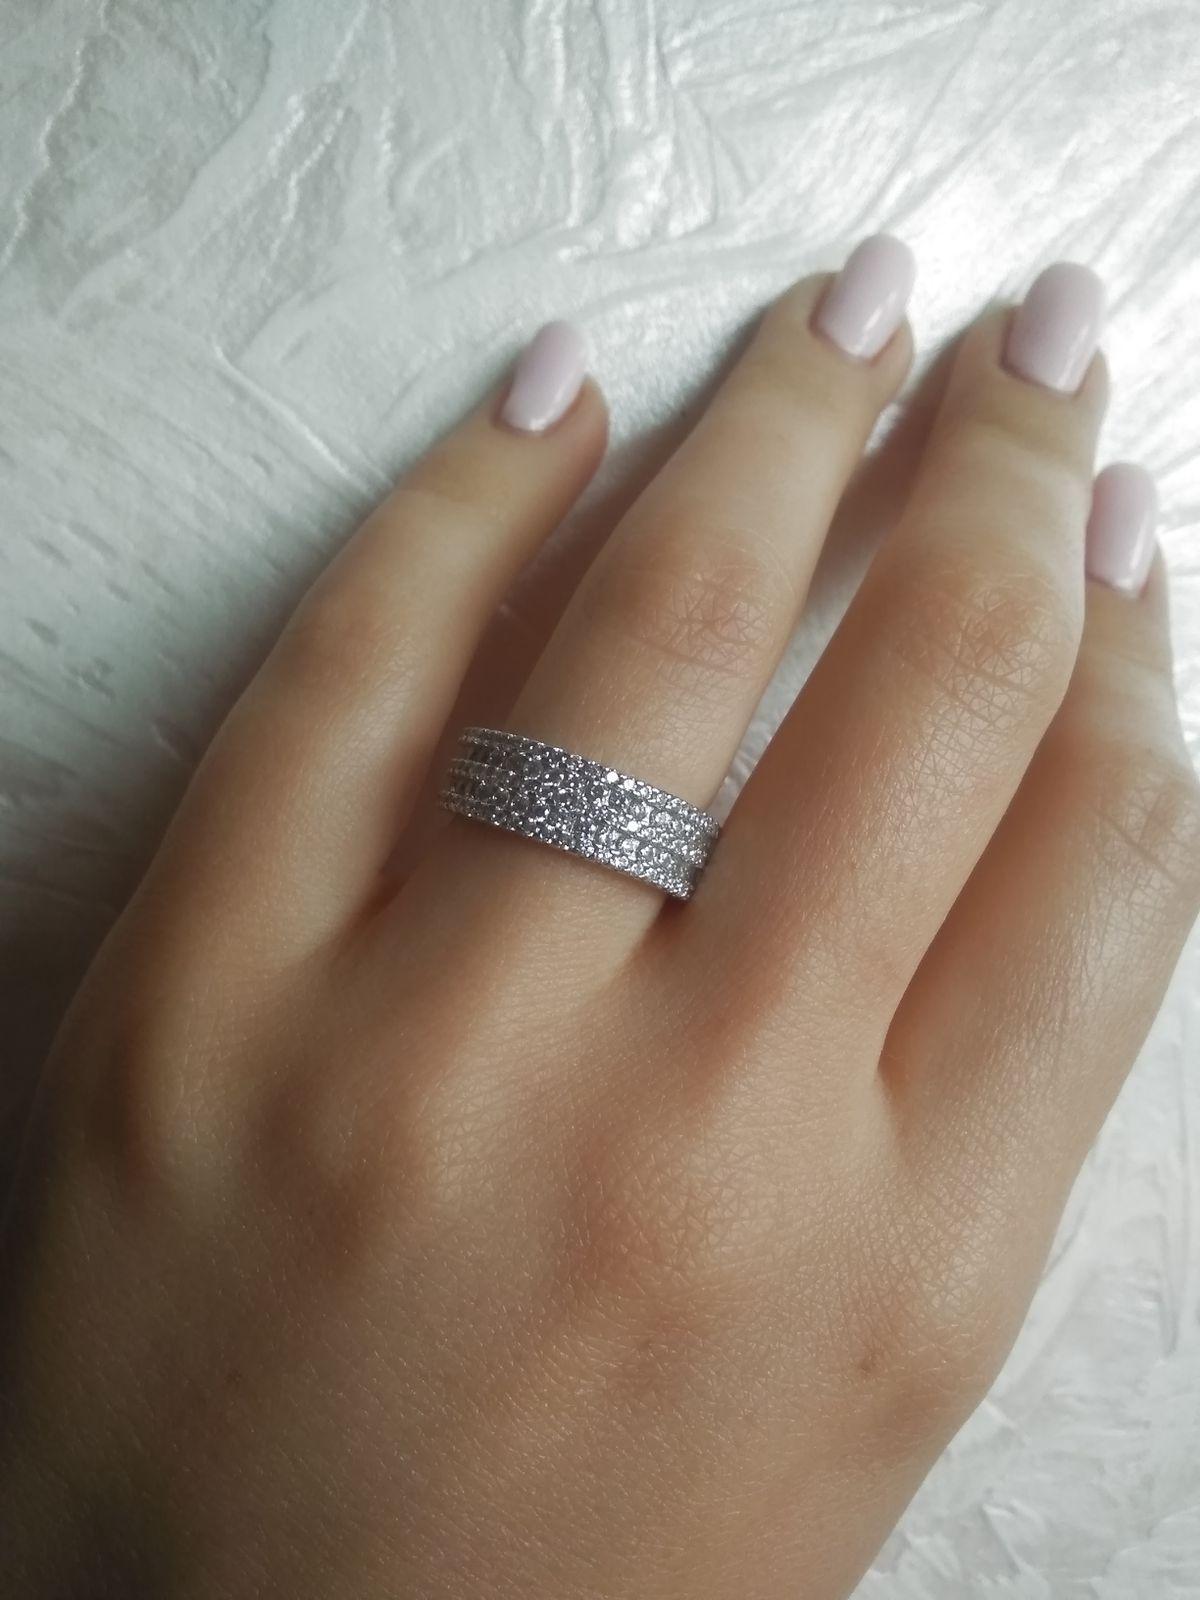 Самое красивое и элегантное кольцо!